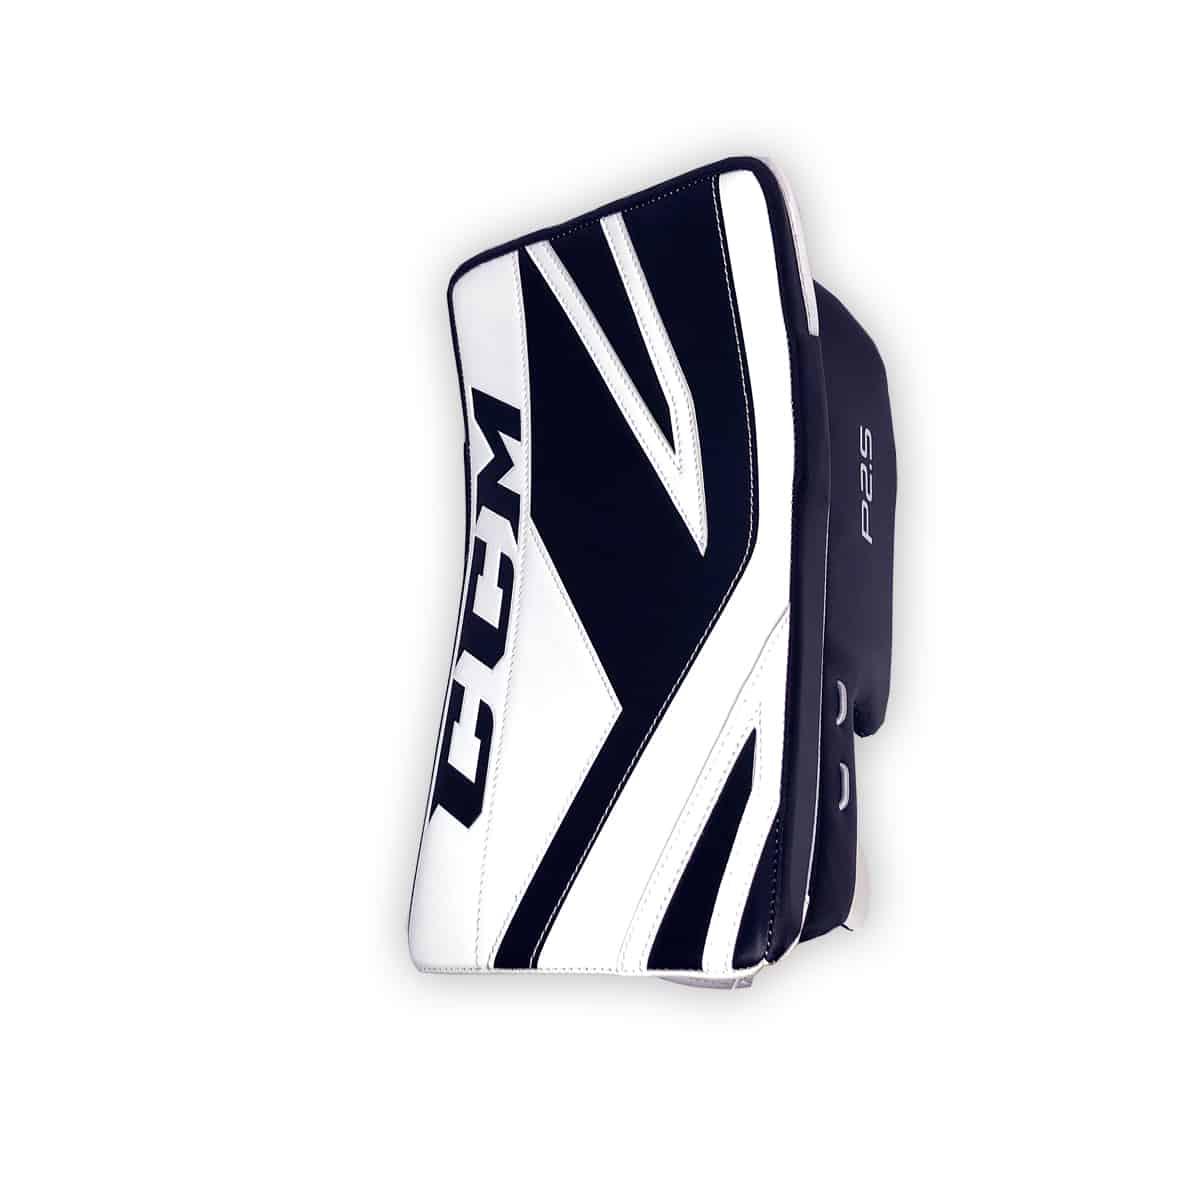 728bcf67e81 CCM Premier P2.5 Junior Goalie Blocker in Black and White